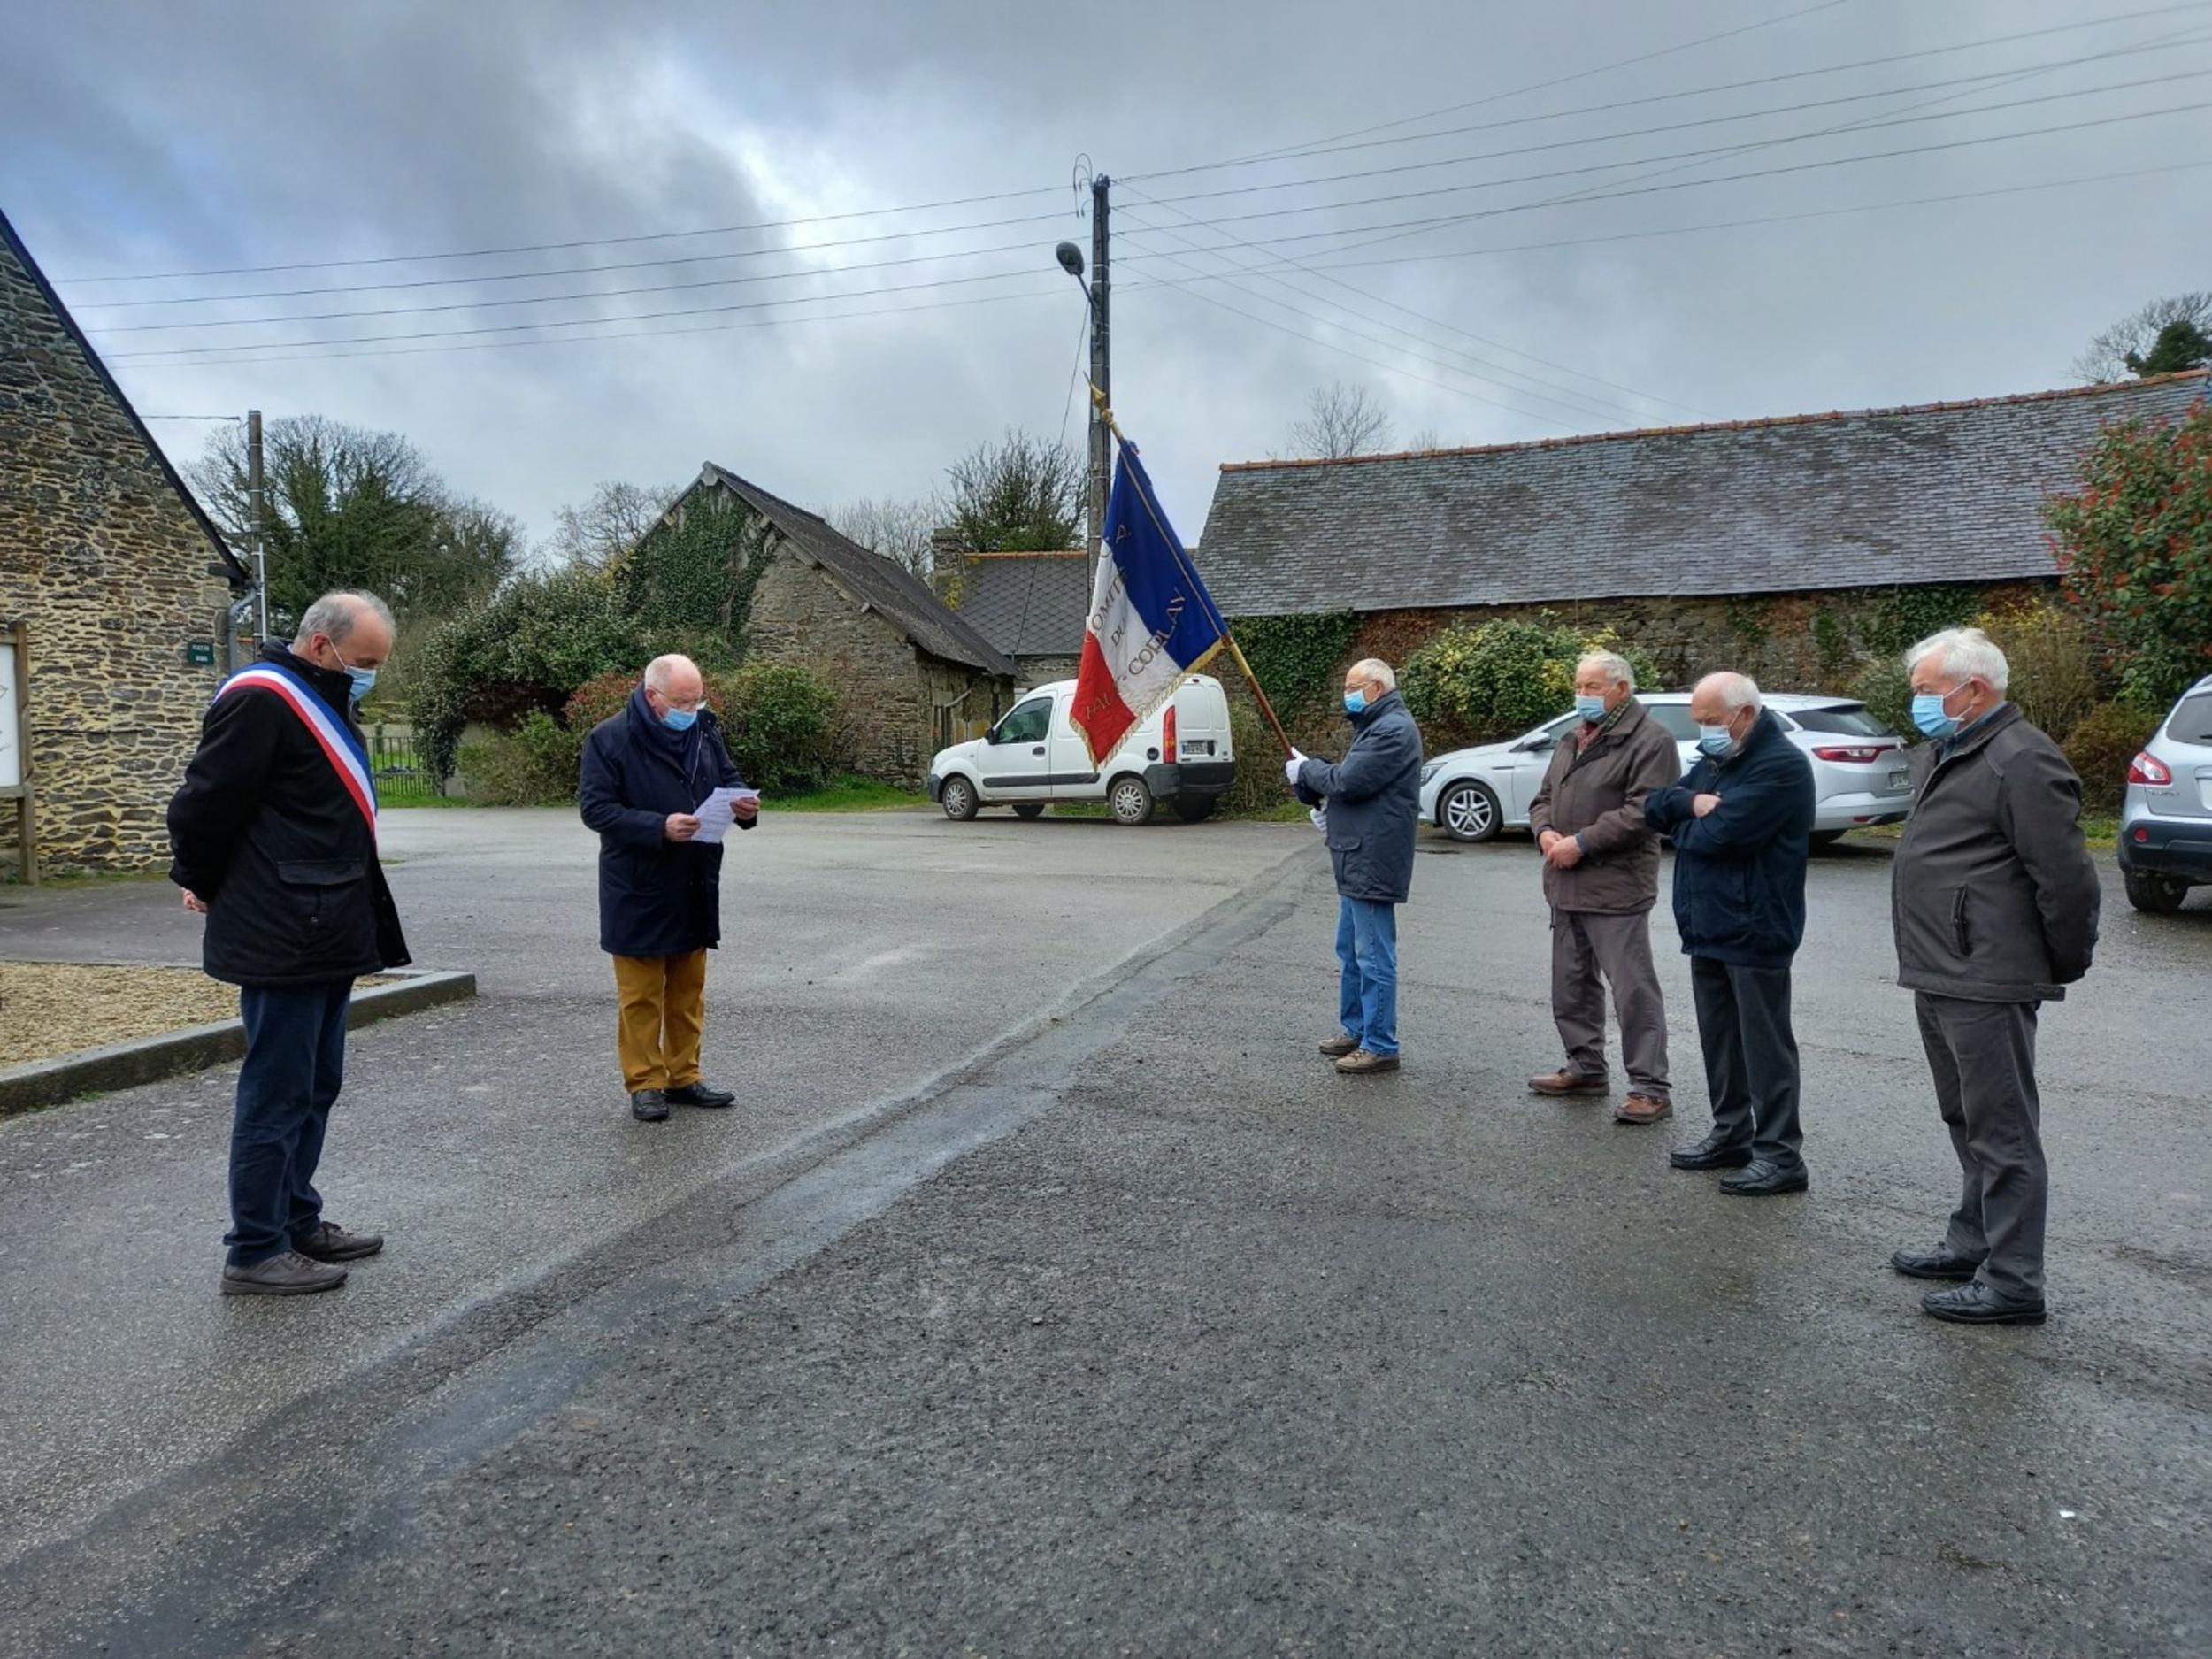 Le Haut-Corlay: Commémoration du 59ème anniversaire du 19 mars 1962